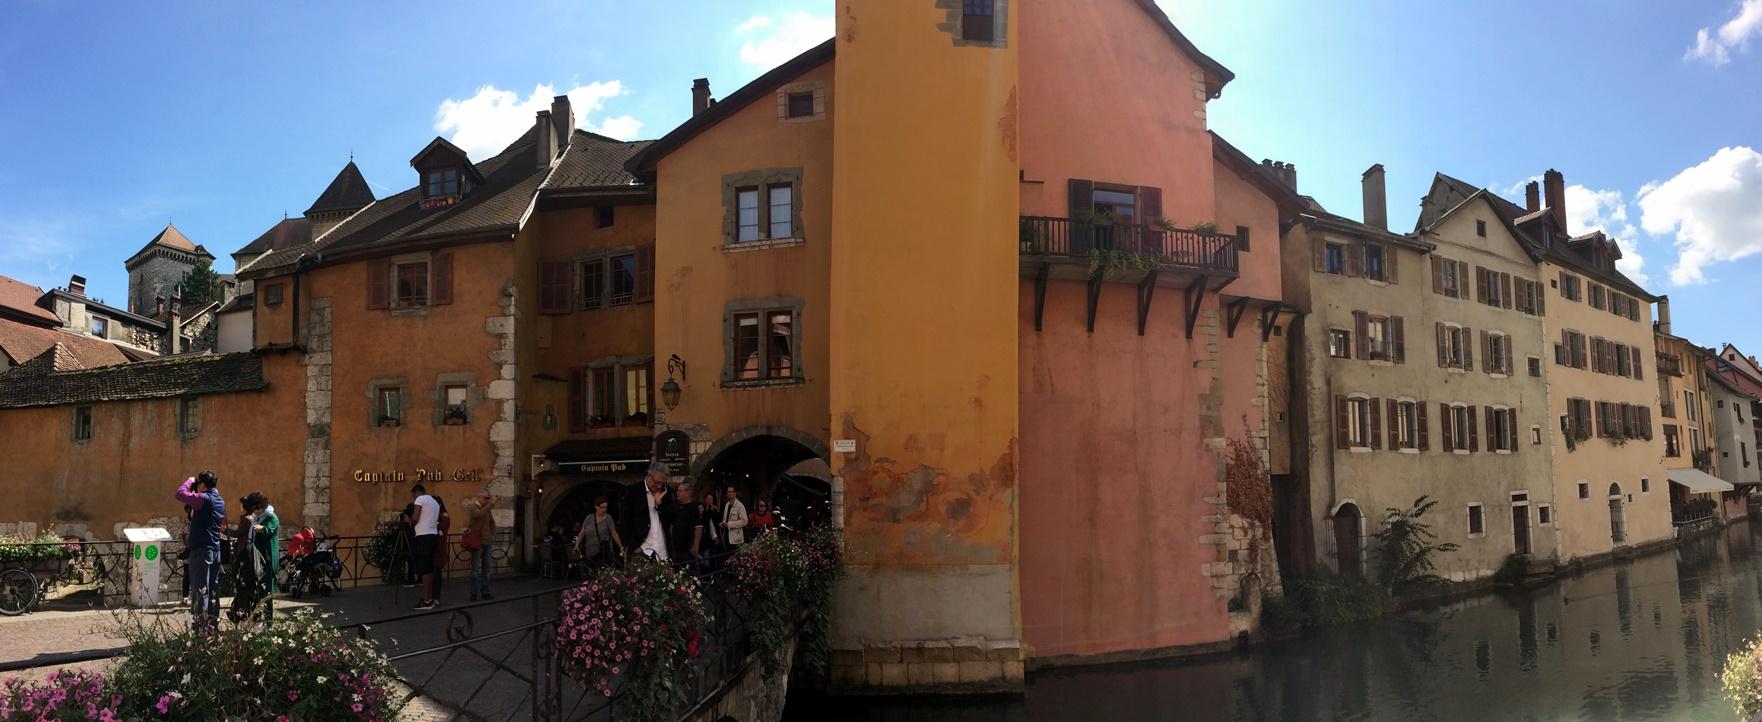 Votre gîte urbain se situe dans les vieux quartiers d'Annecy